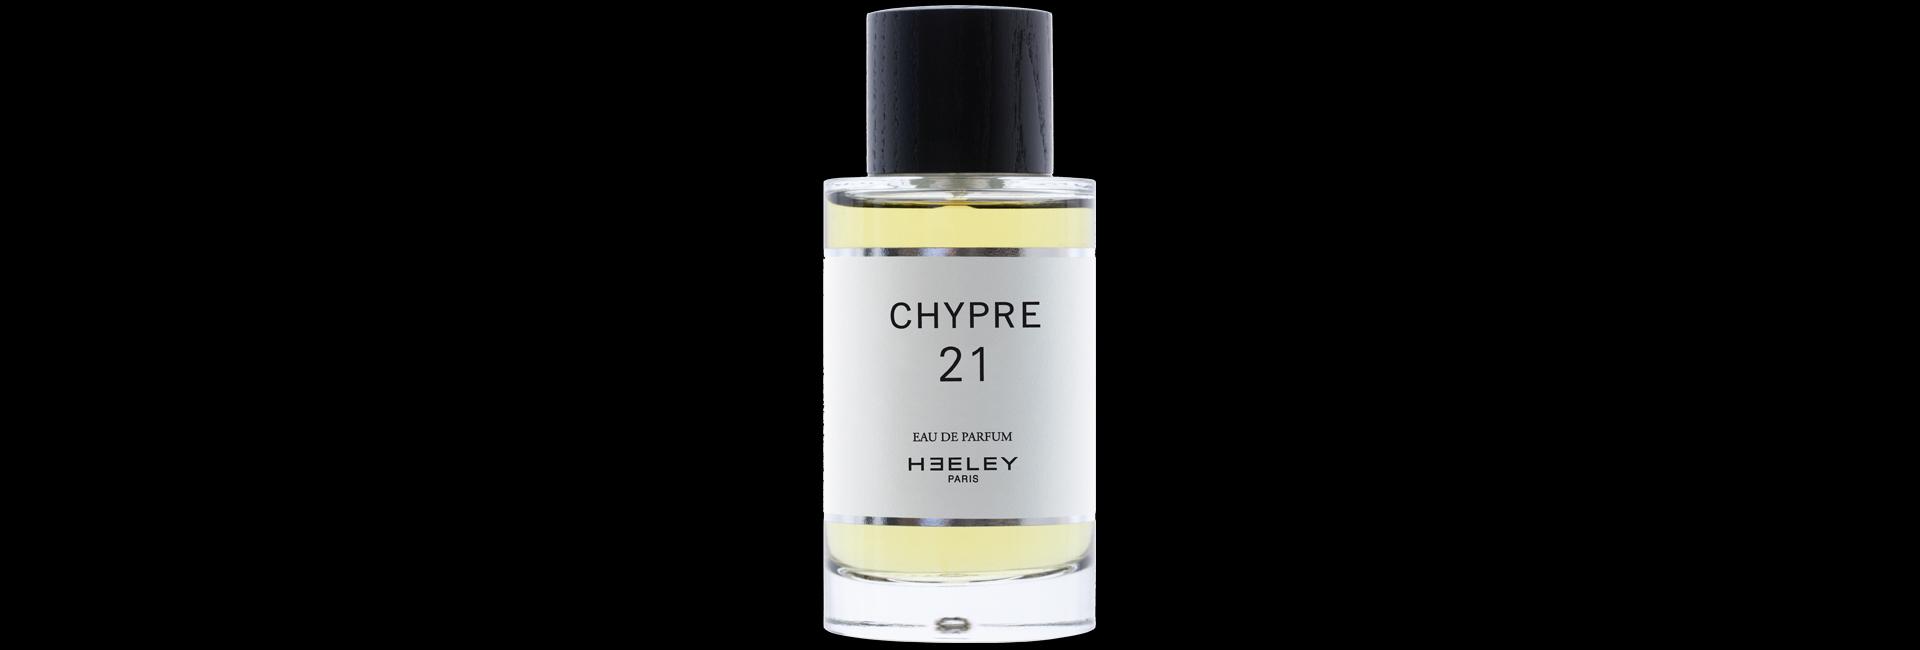 Chypre 21, nouvelle eau de parfum de James Heeley